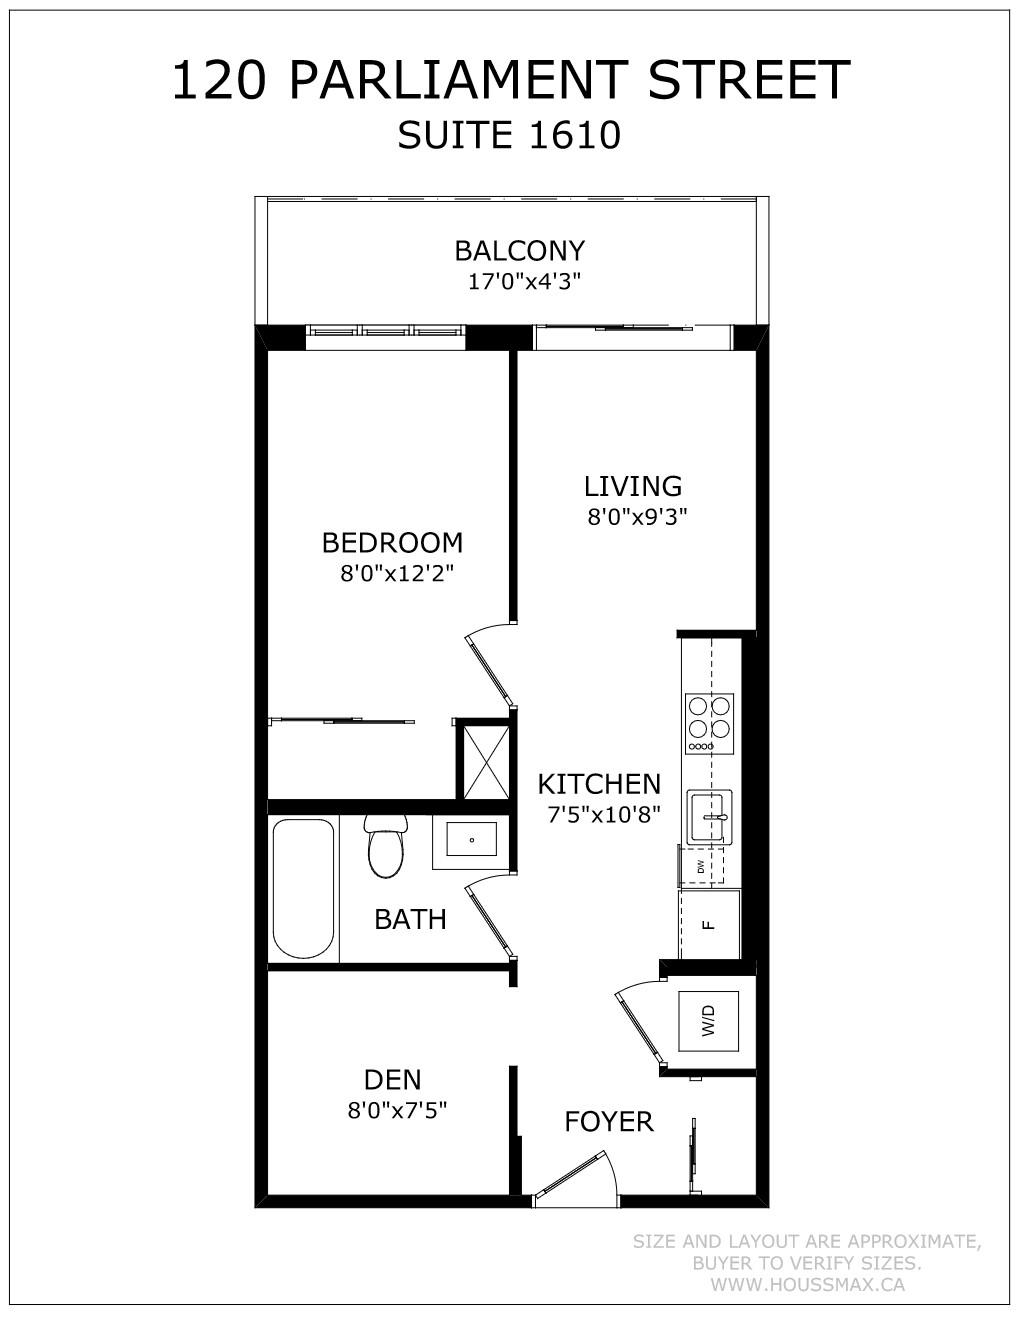 120 Parliament St Suite 1610 Floor Plans